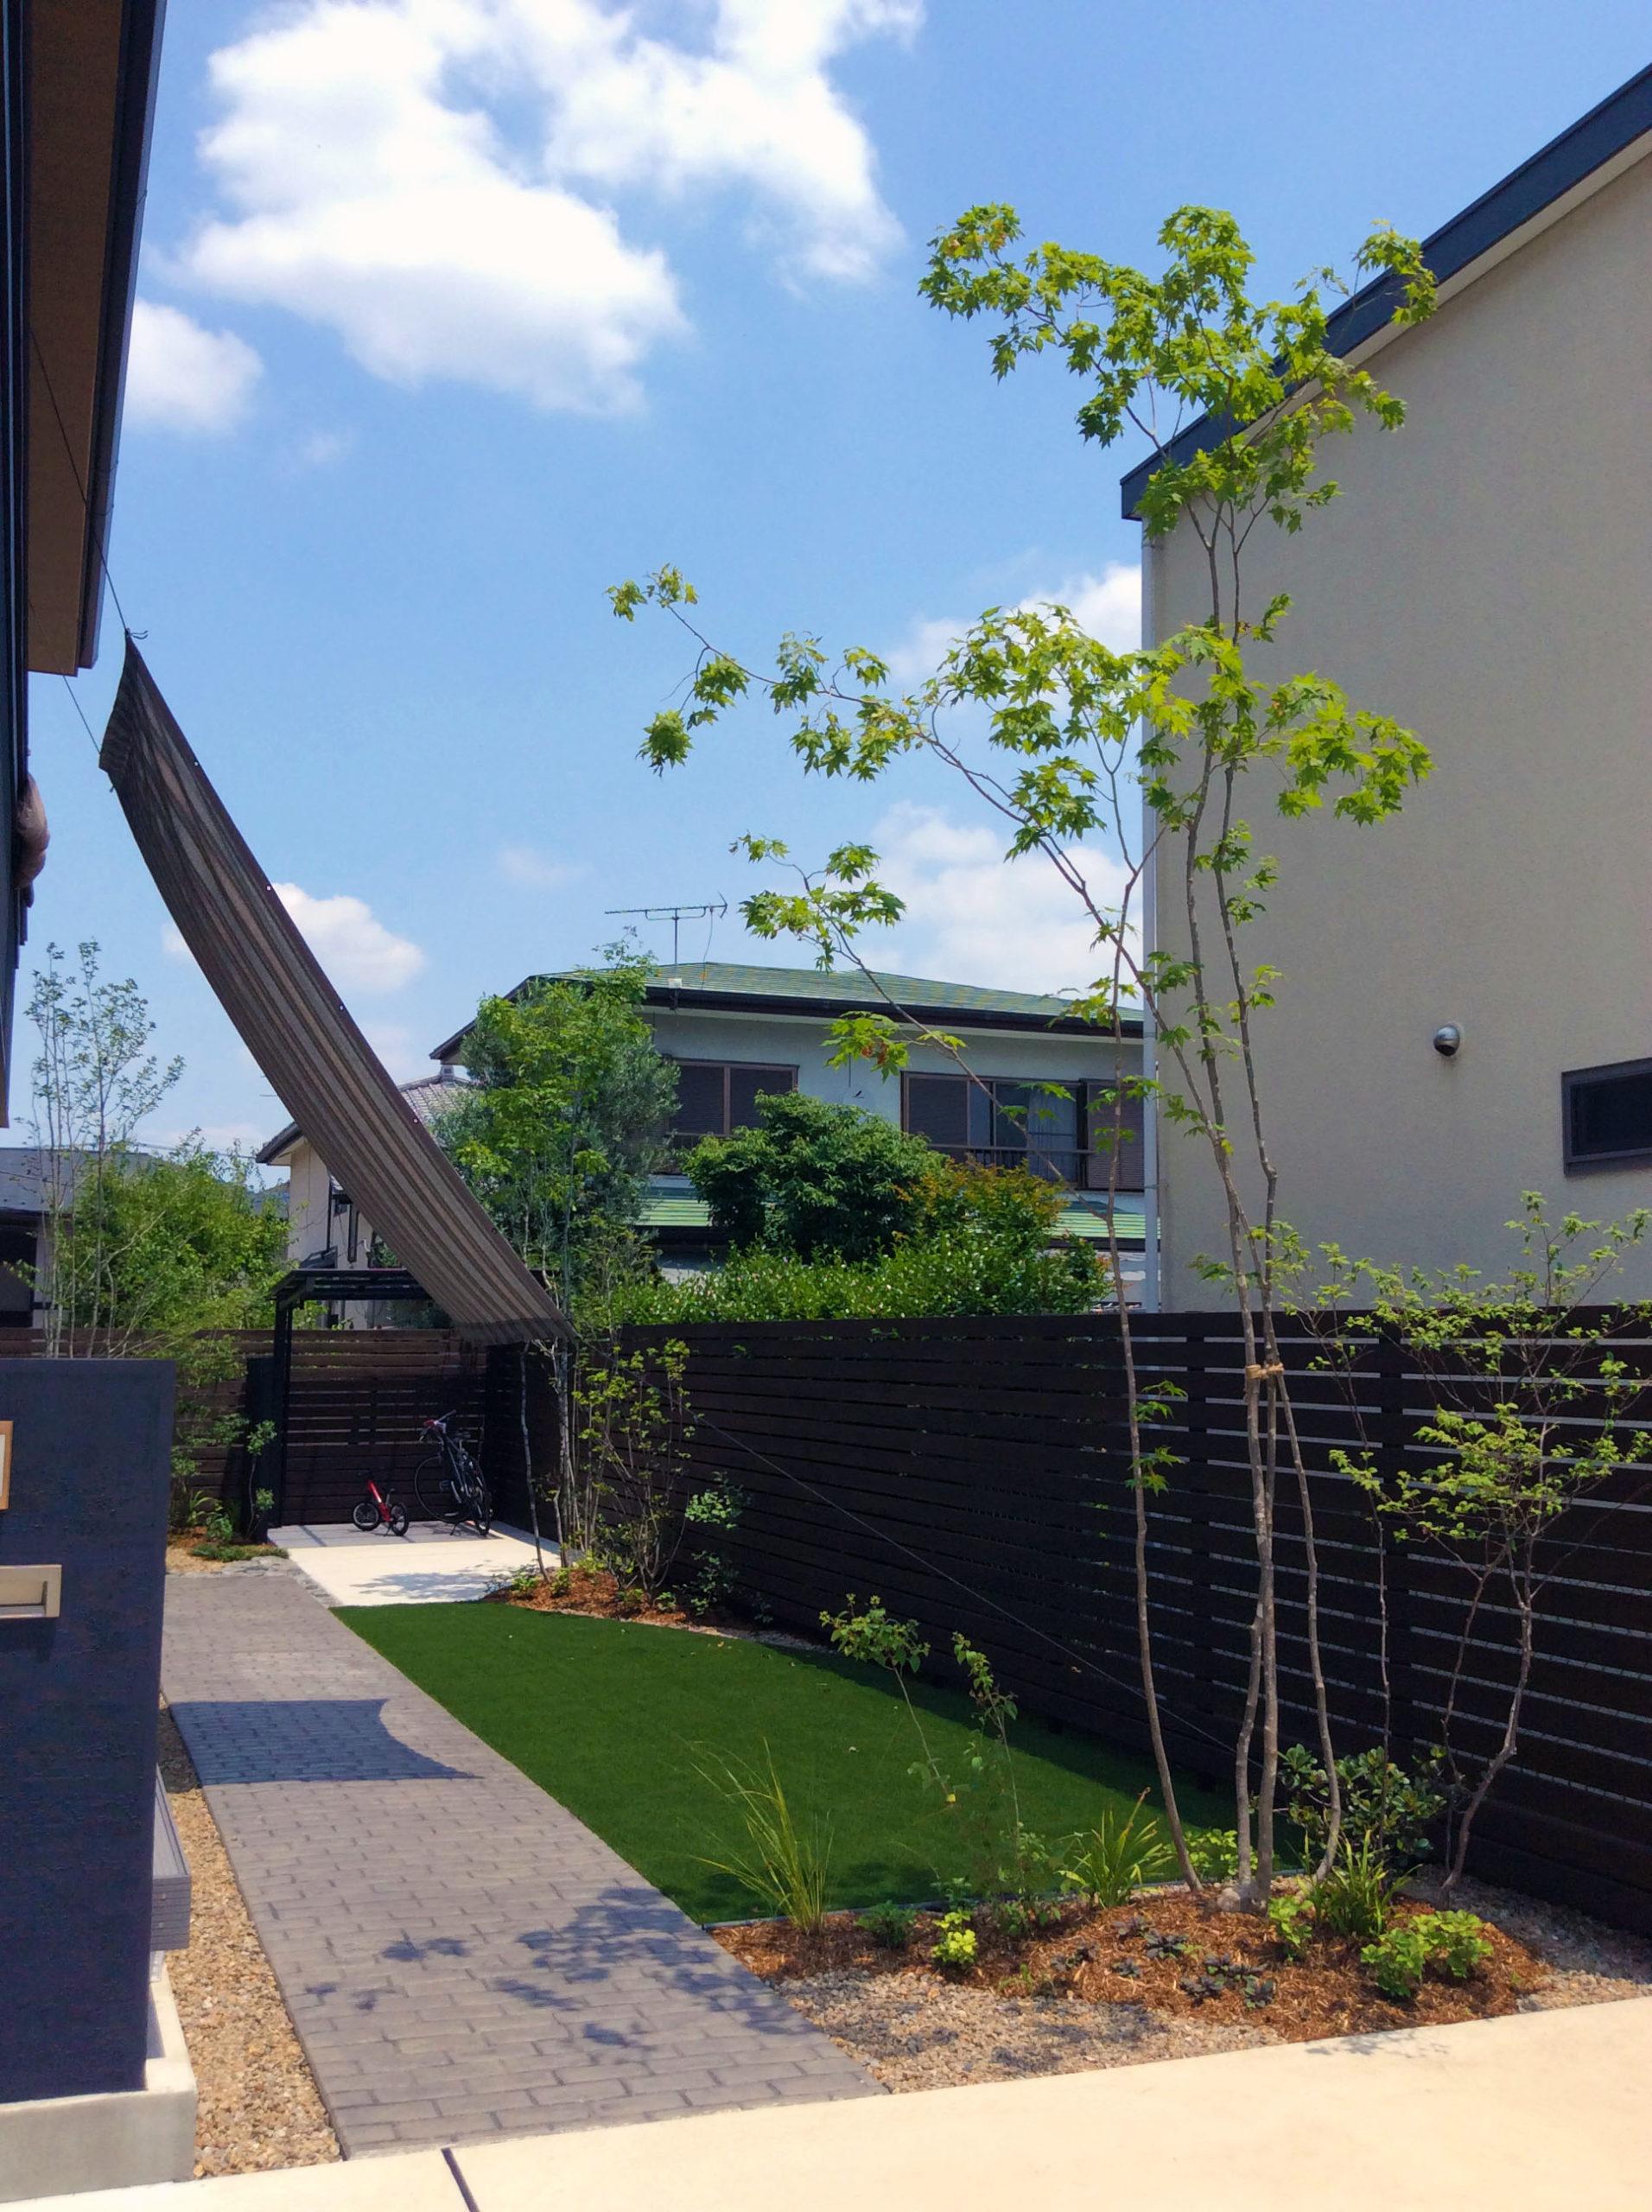 生きた樹木が美しい人工芝のローメンテナンスガーデン